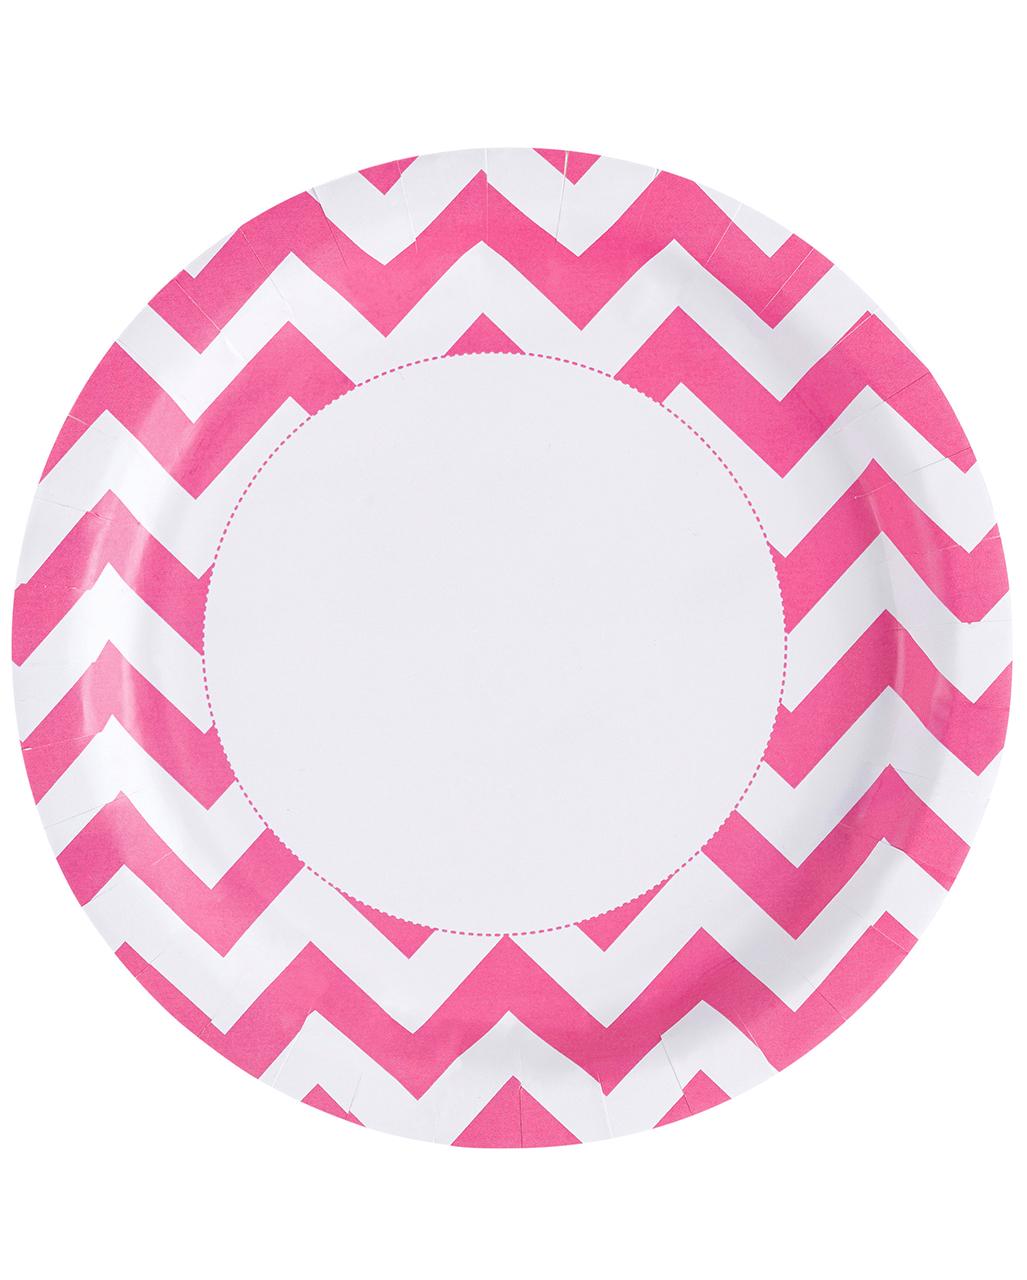 sc 1 st  Horror-Shop & Pink Chevron Paper Plates 8 pc. | horror-shop.com